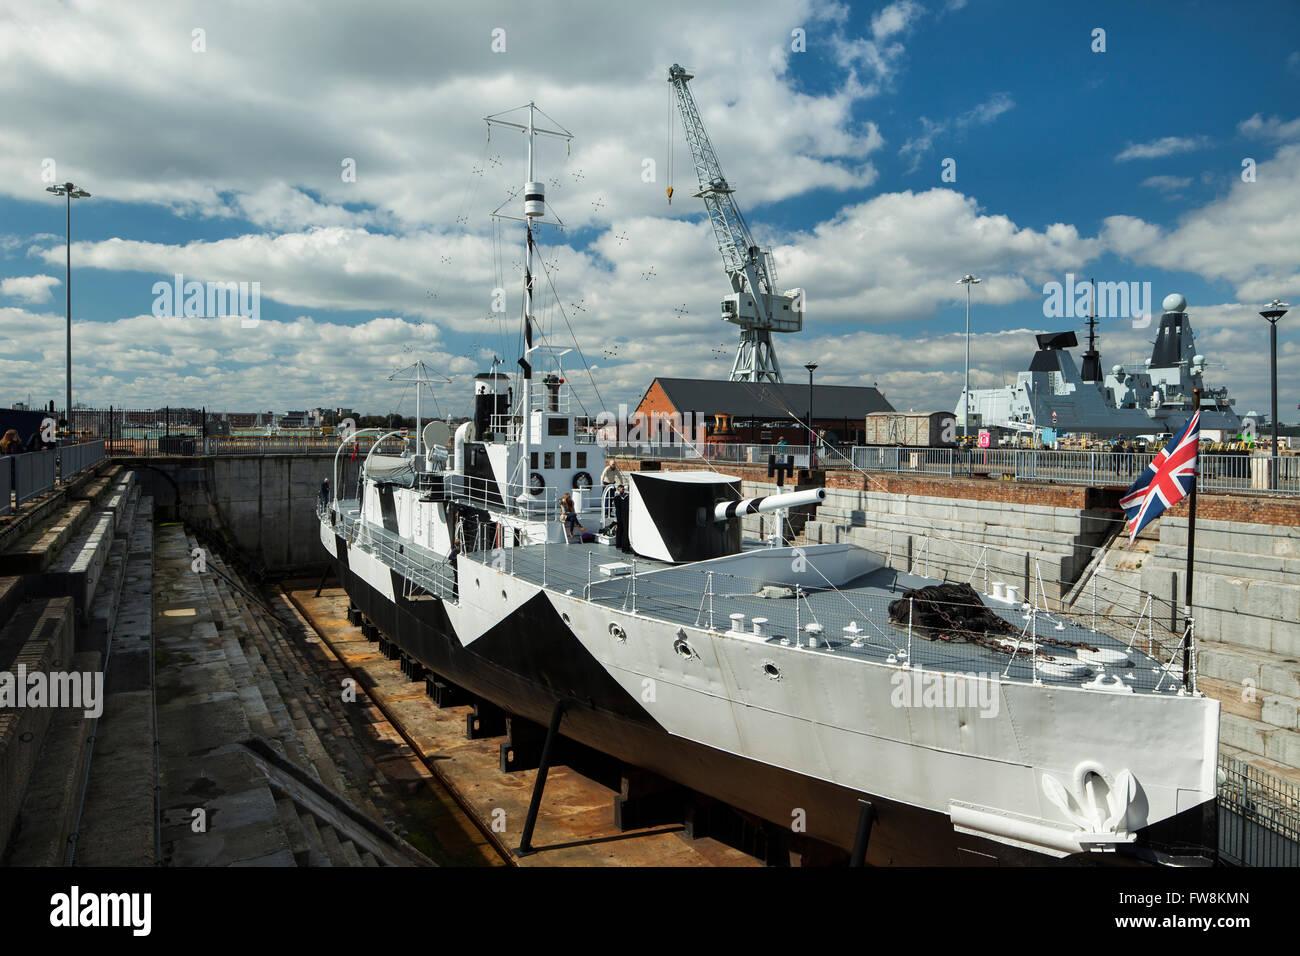 HMS M.33 in Portsmouth Historic Dockyard. - Stock Image